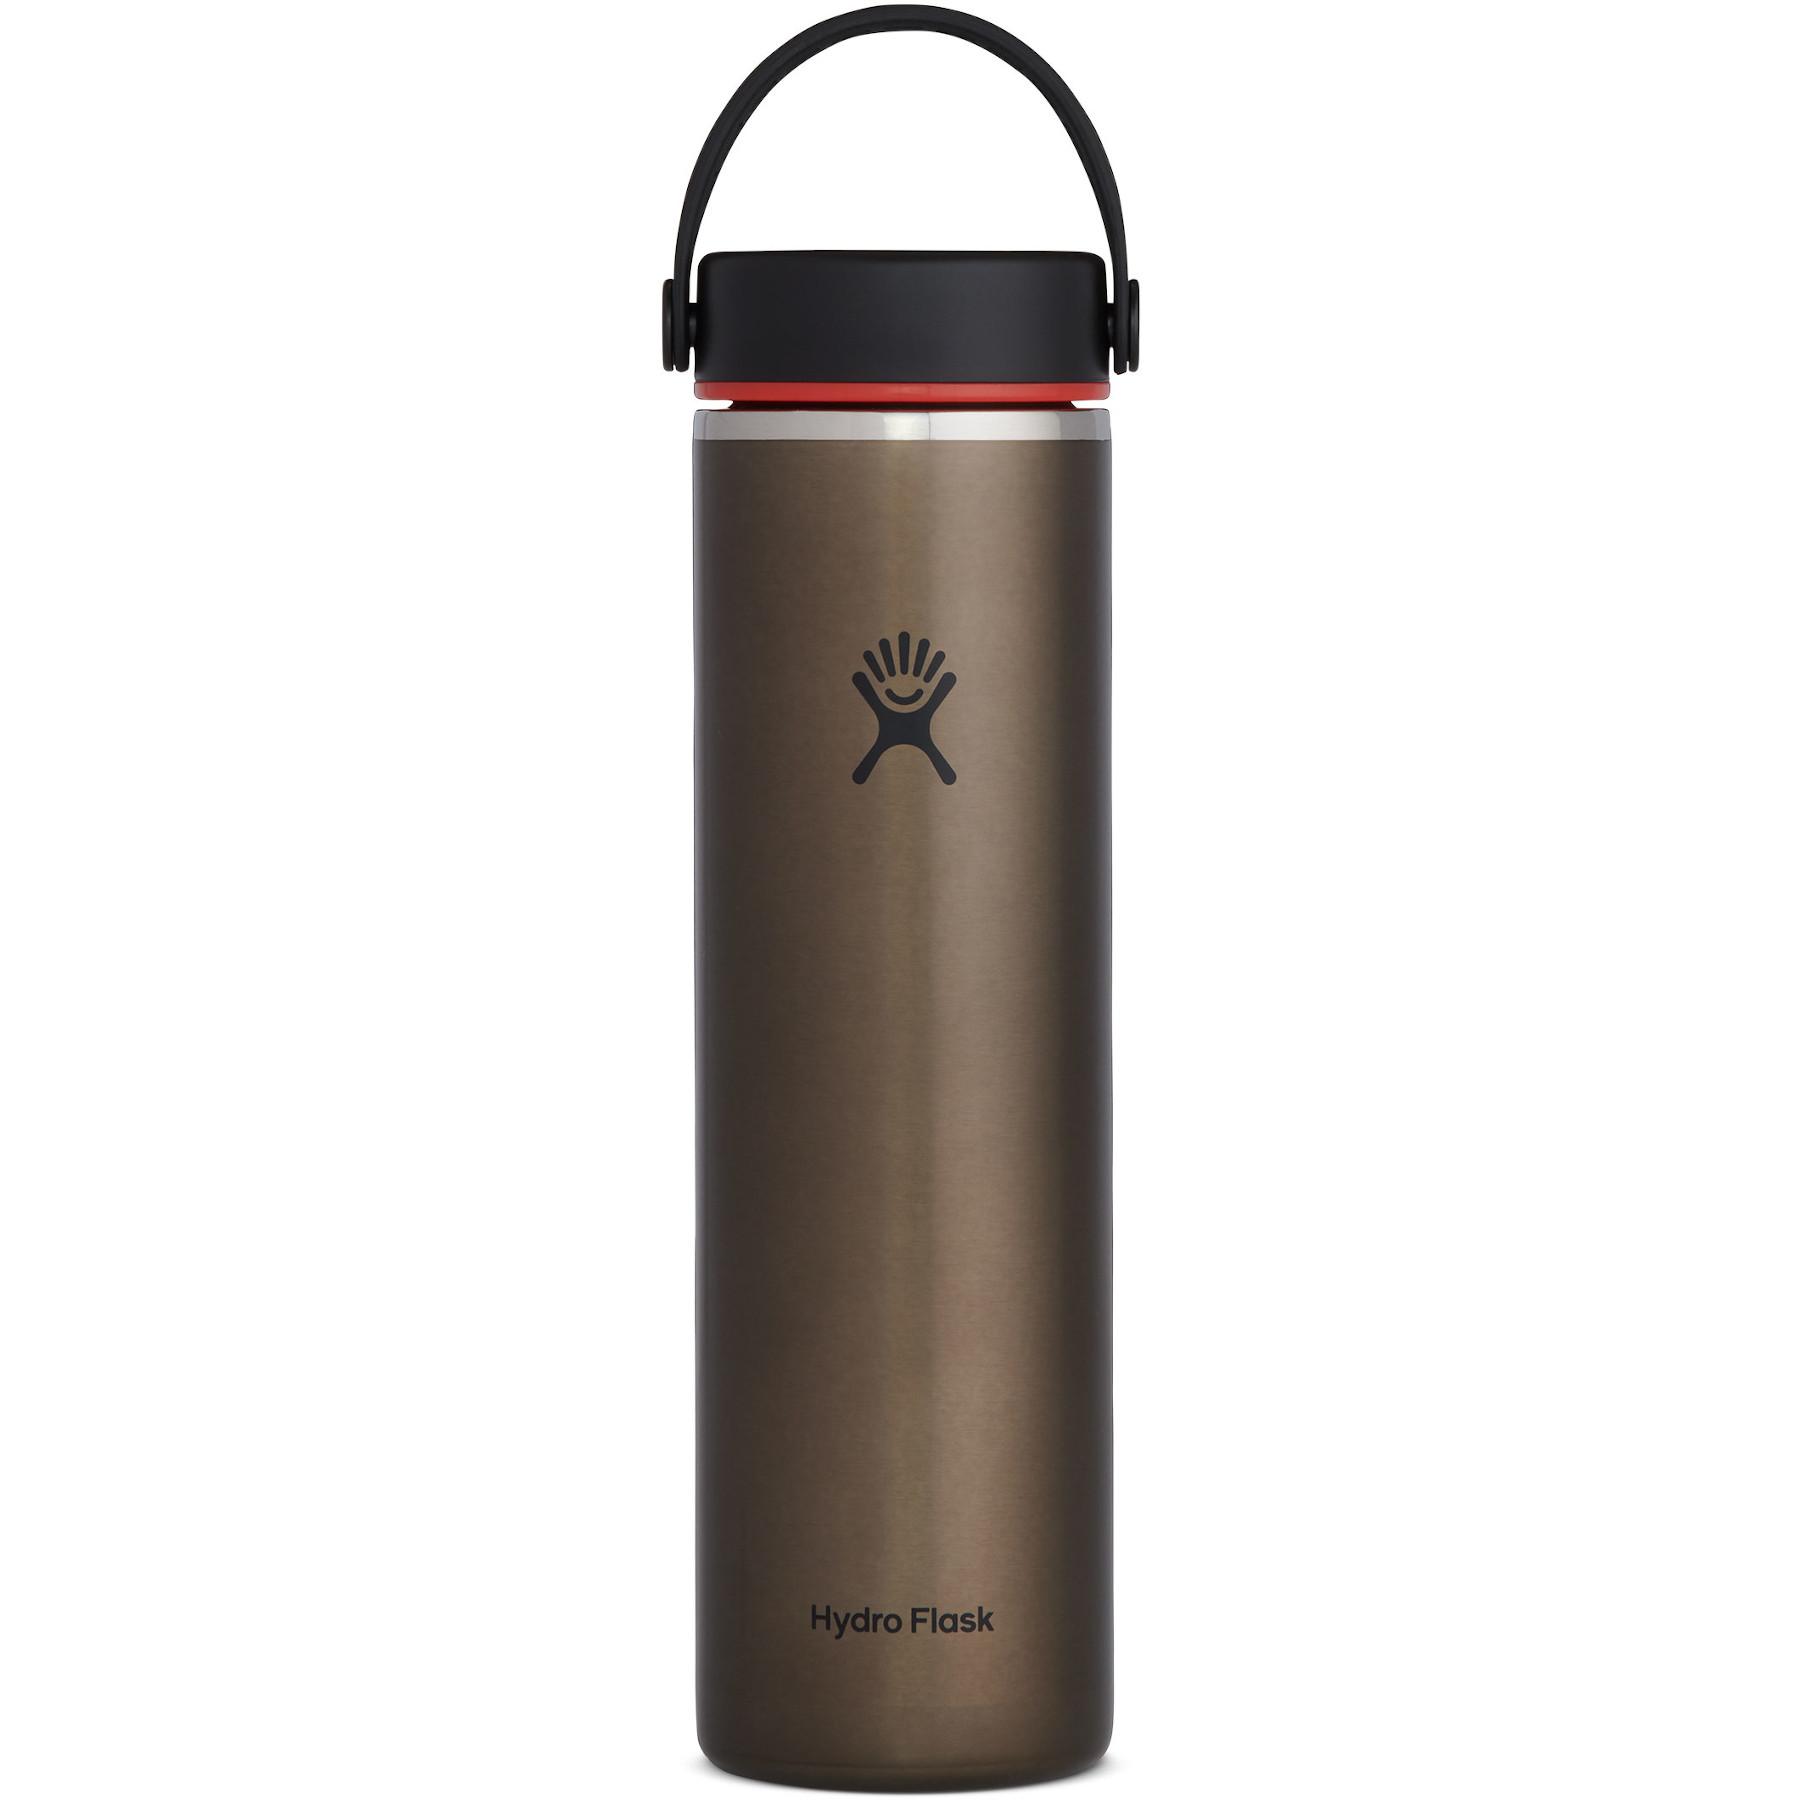 Produktbild von Hydro Flask 24 oz Lightweight Wide Mouth Trail Series Thermoflasche 710 ml - Obsidian